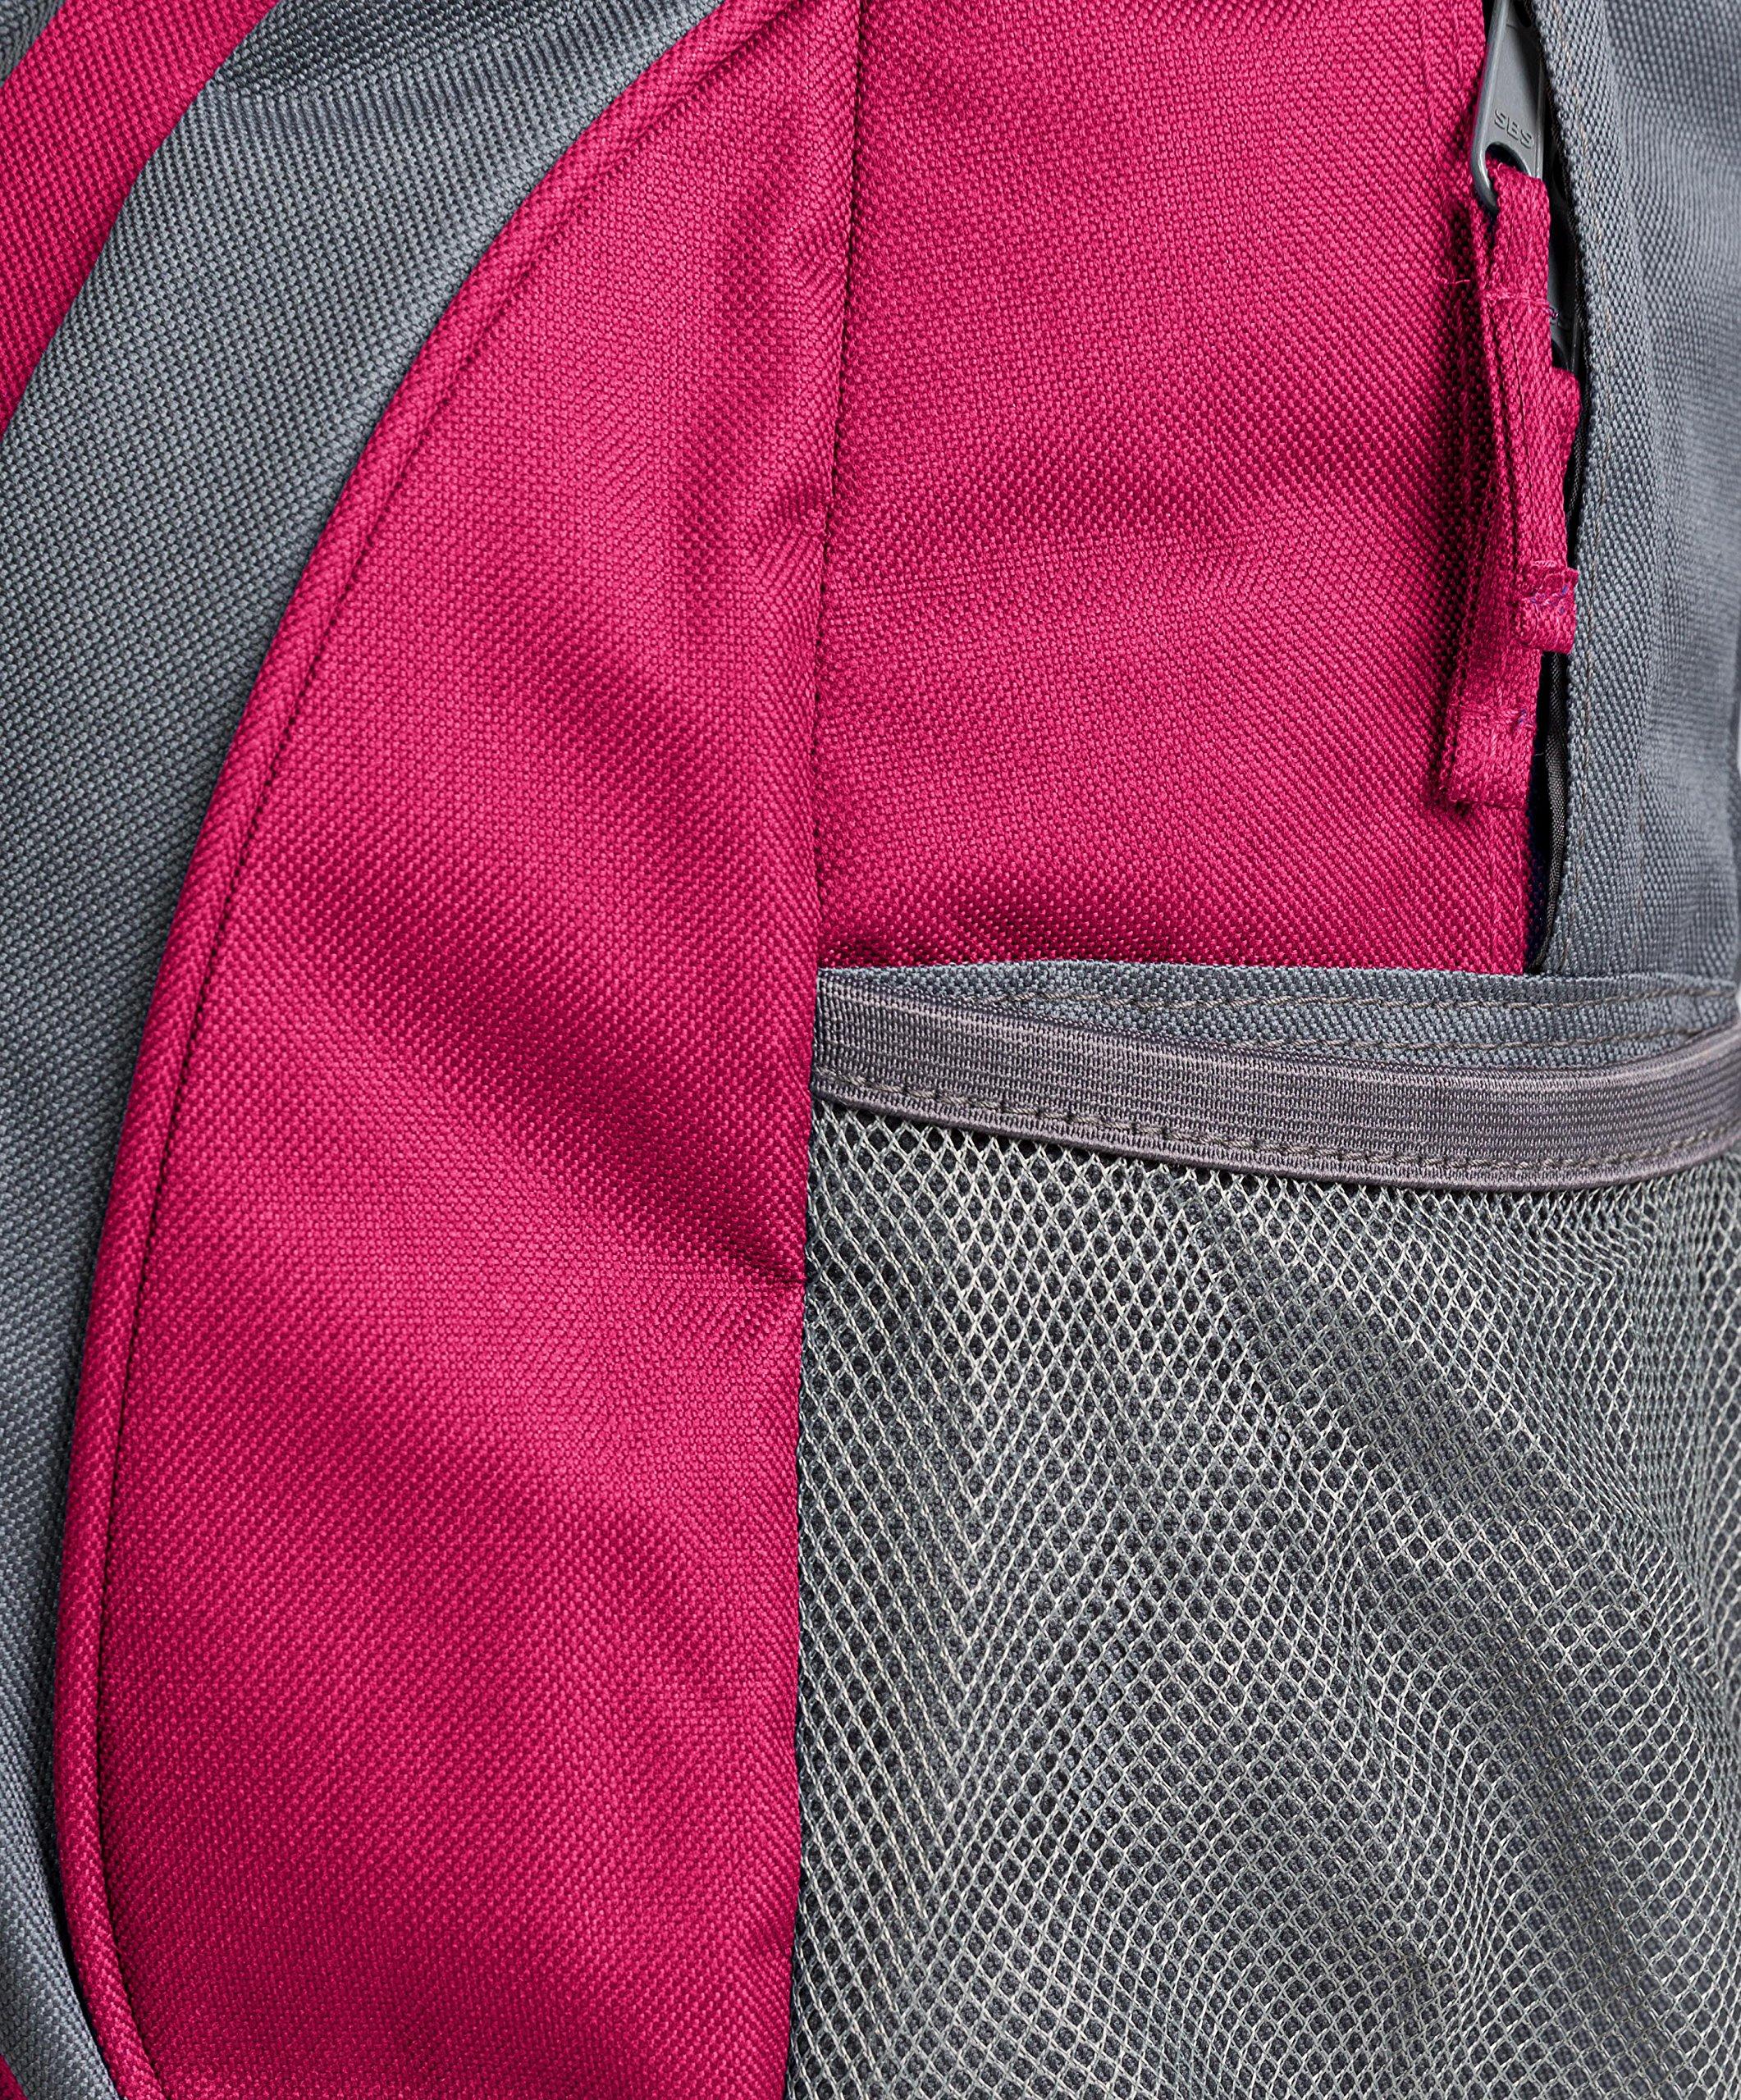 Trespass Neroli Backpack/Rucksack, 28 Litre 5